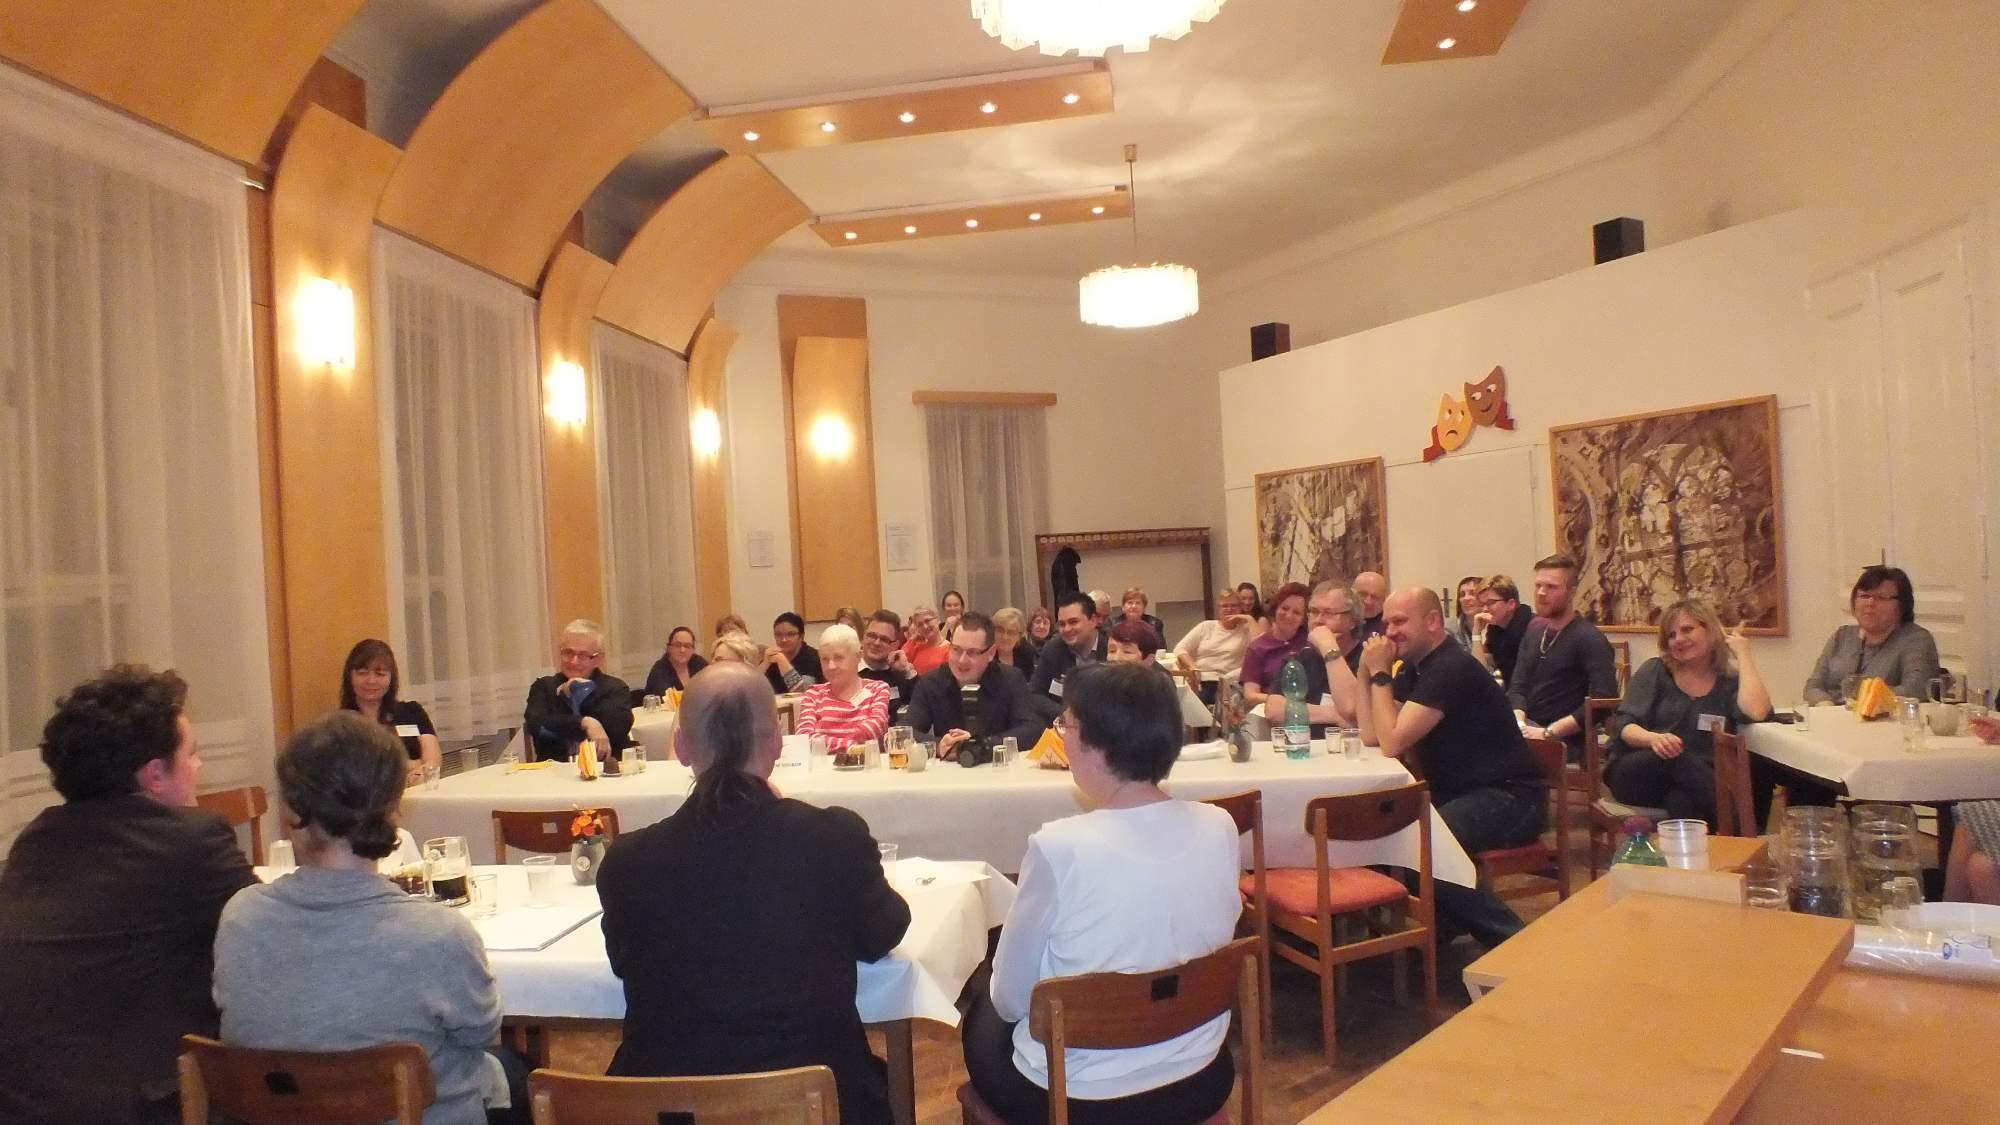 Rozborových seminářů se kromě souborů mohli účastnit i diváci. Foto: Nikola Pavlasová